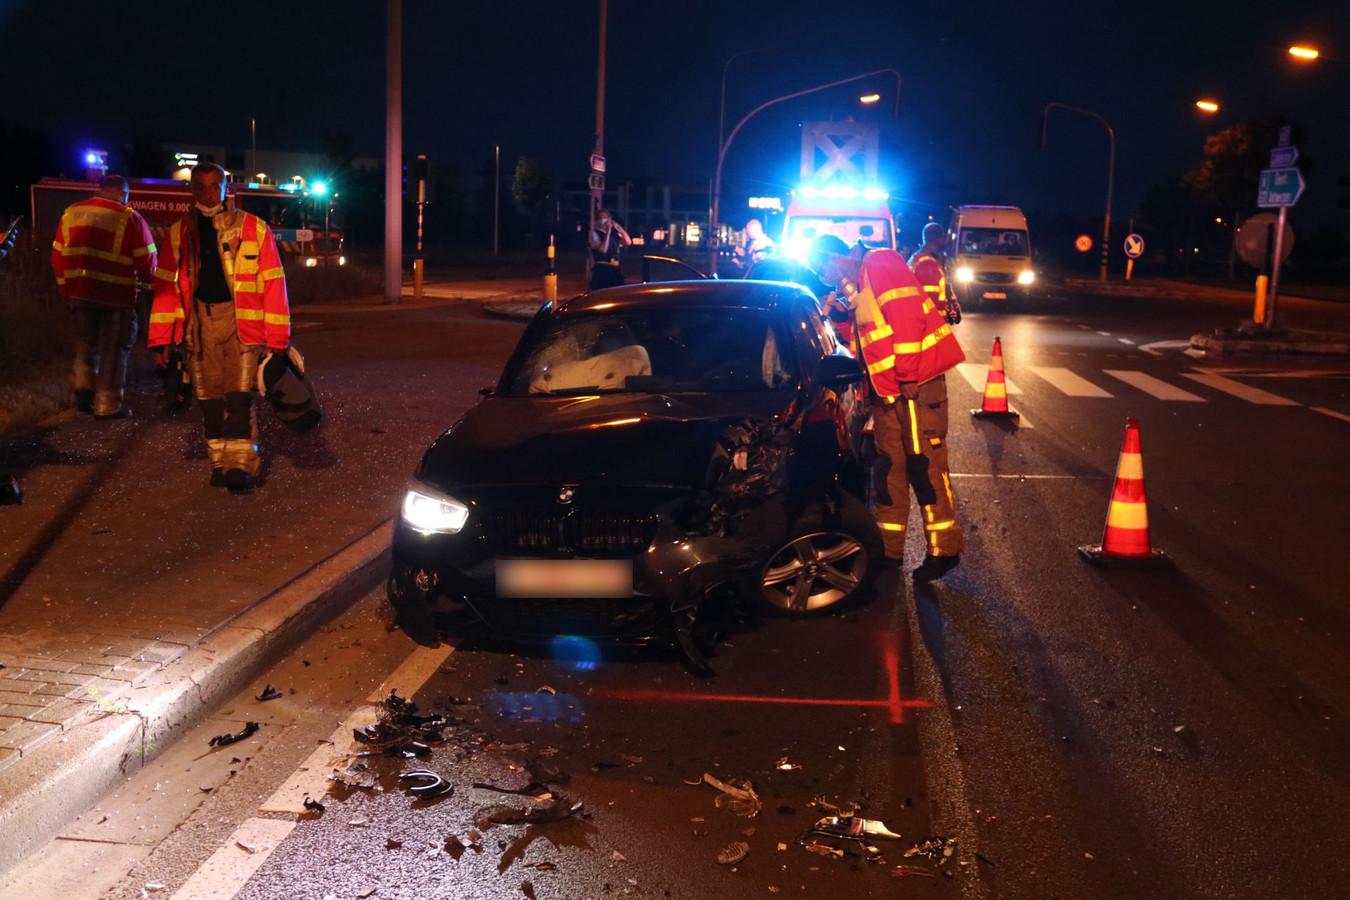 De schade aan het voertuig was groot na de aanrijding.